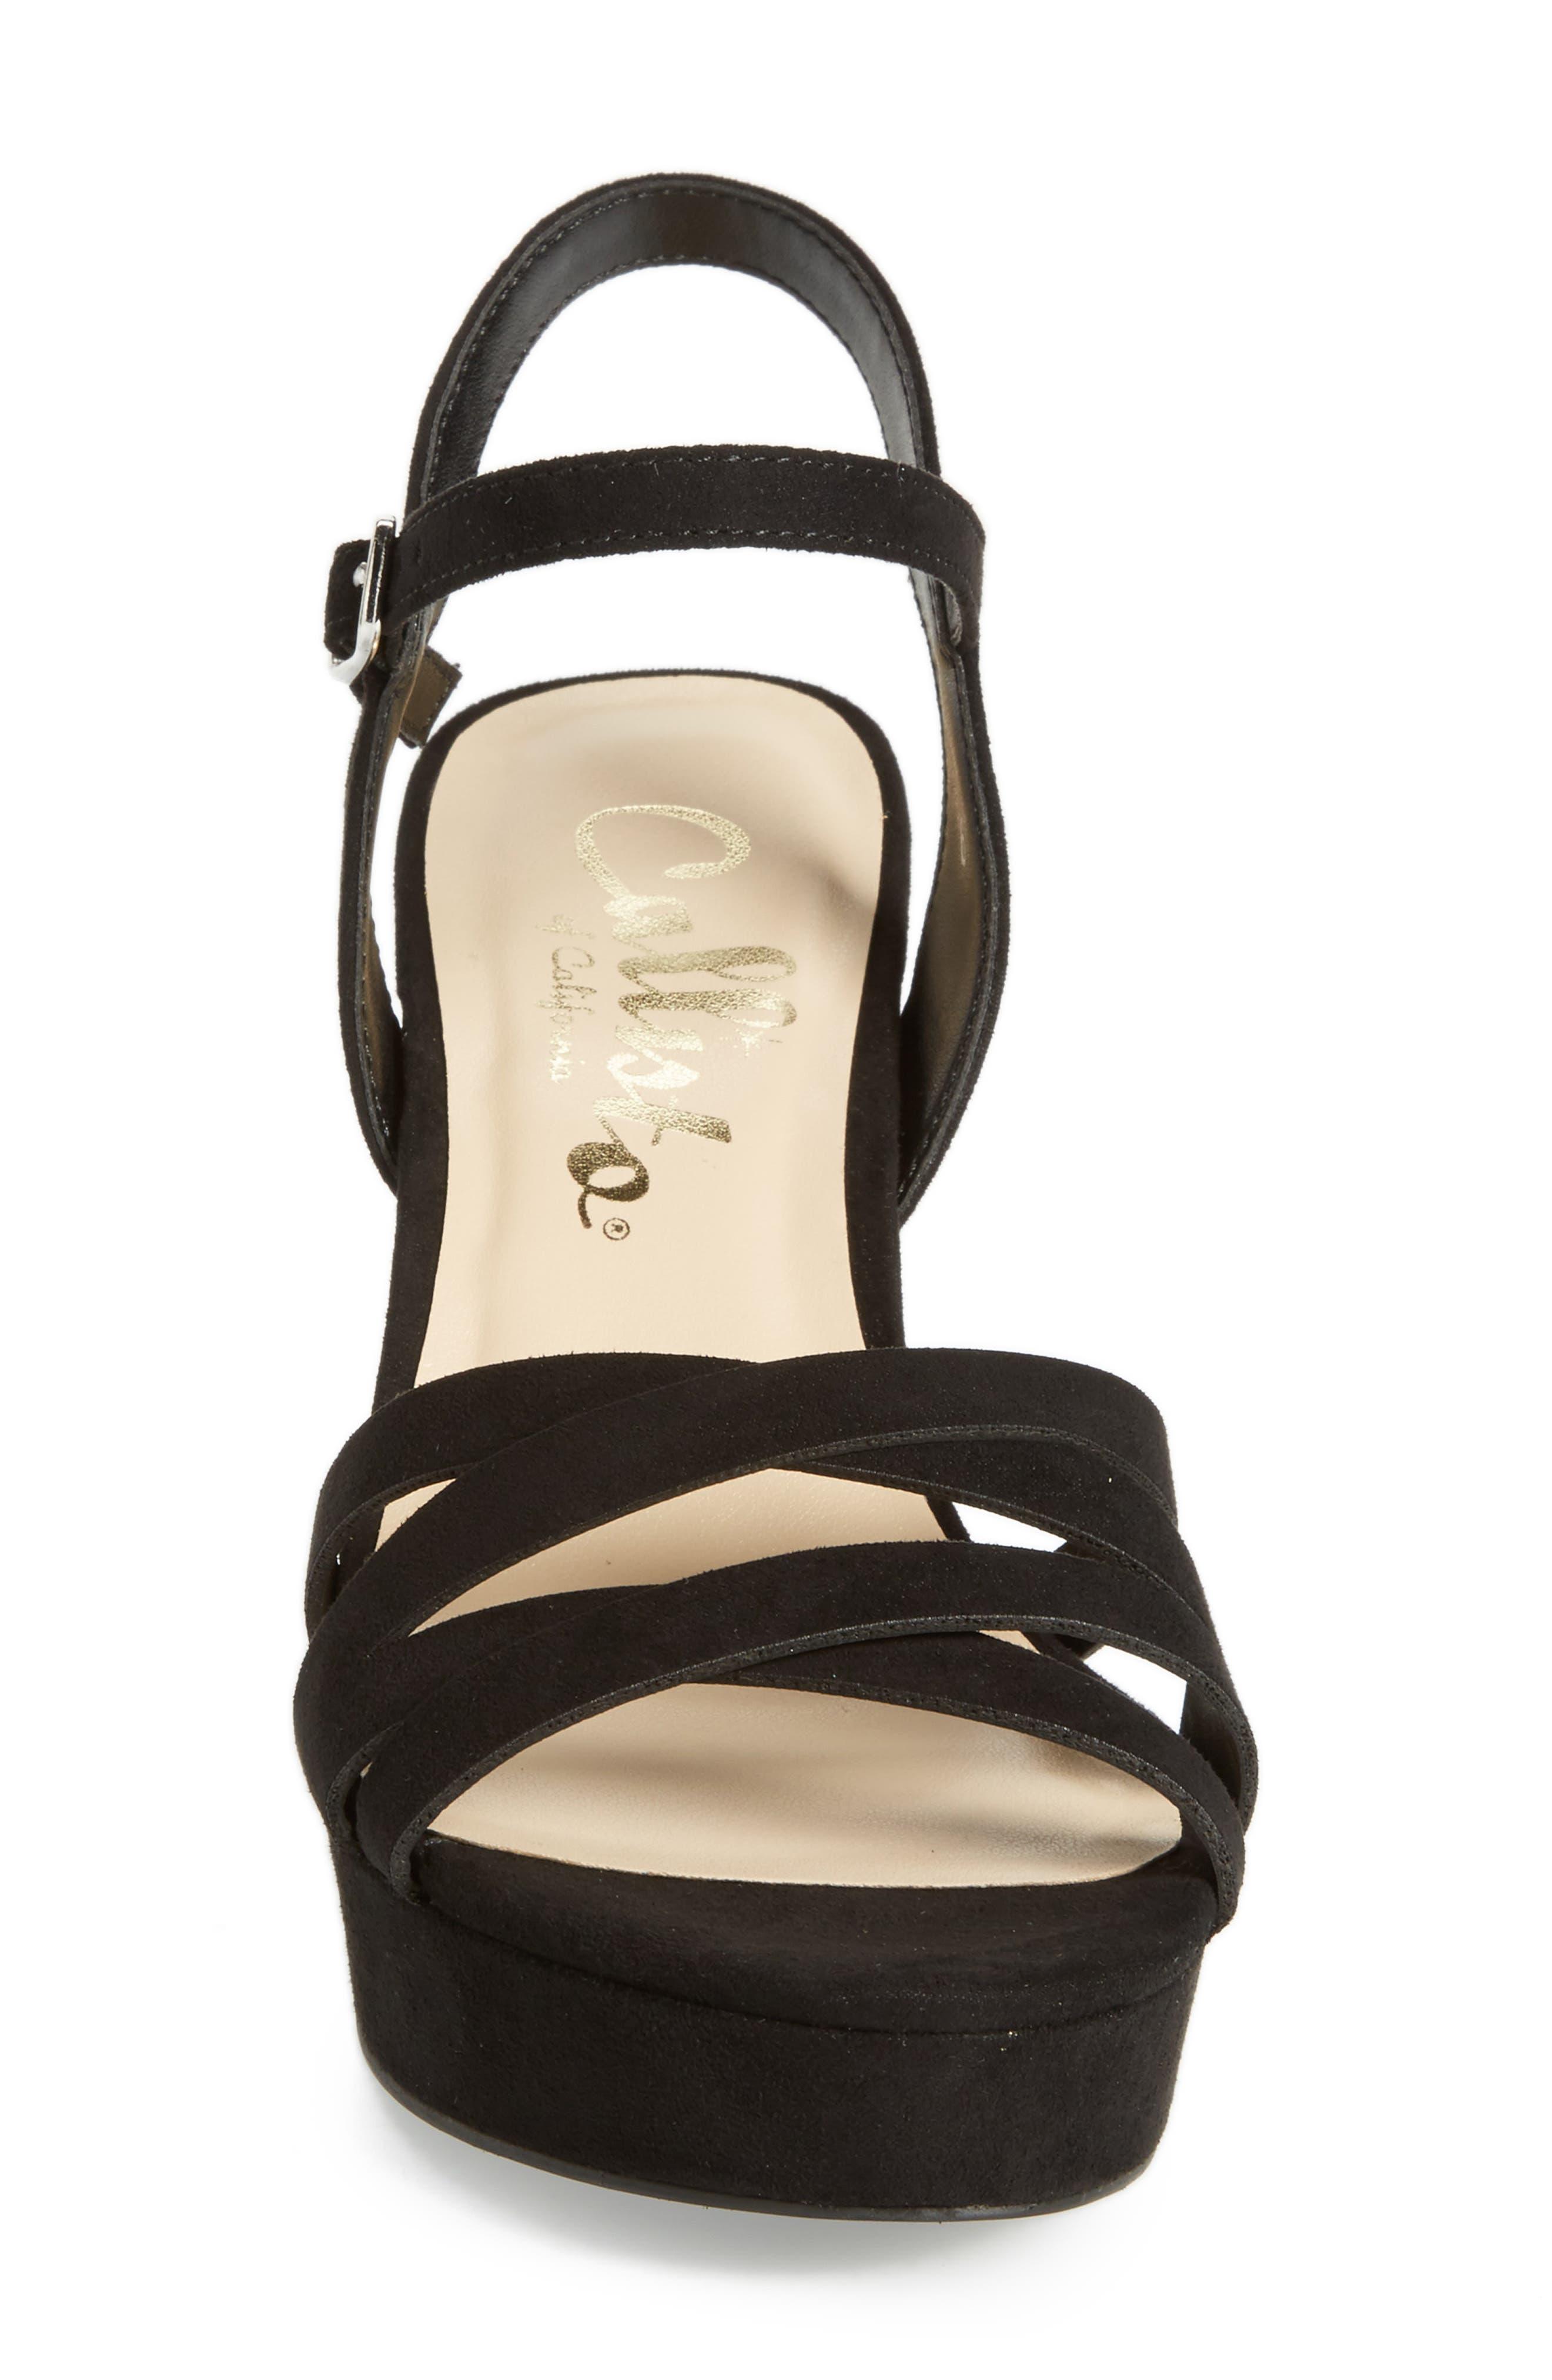 Paxx Platform Sandal,                             Alternate thumbnail 4, color,                             Black Faux Suede